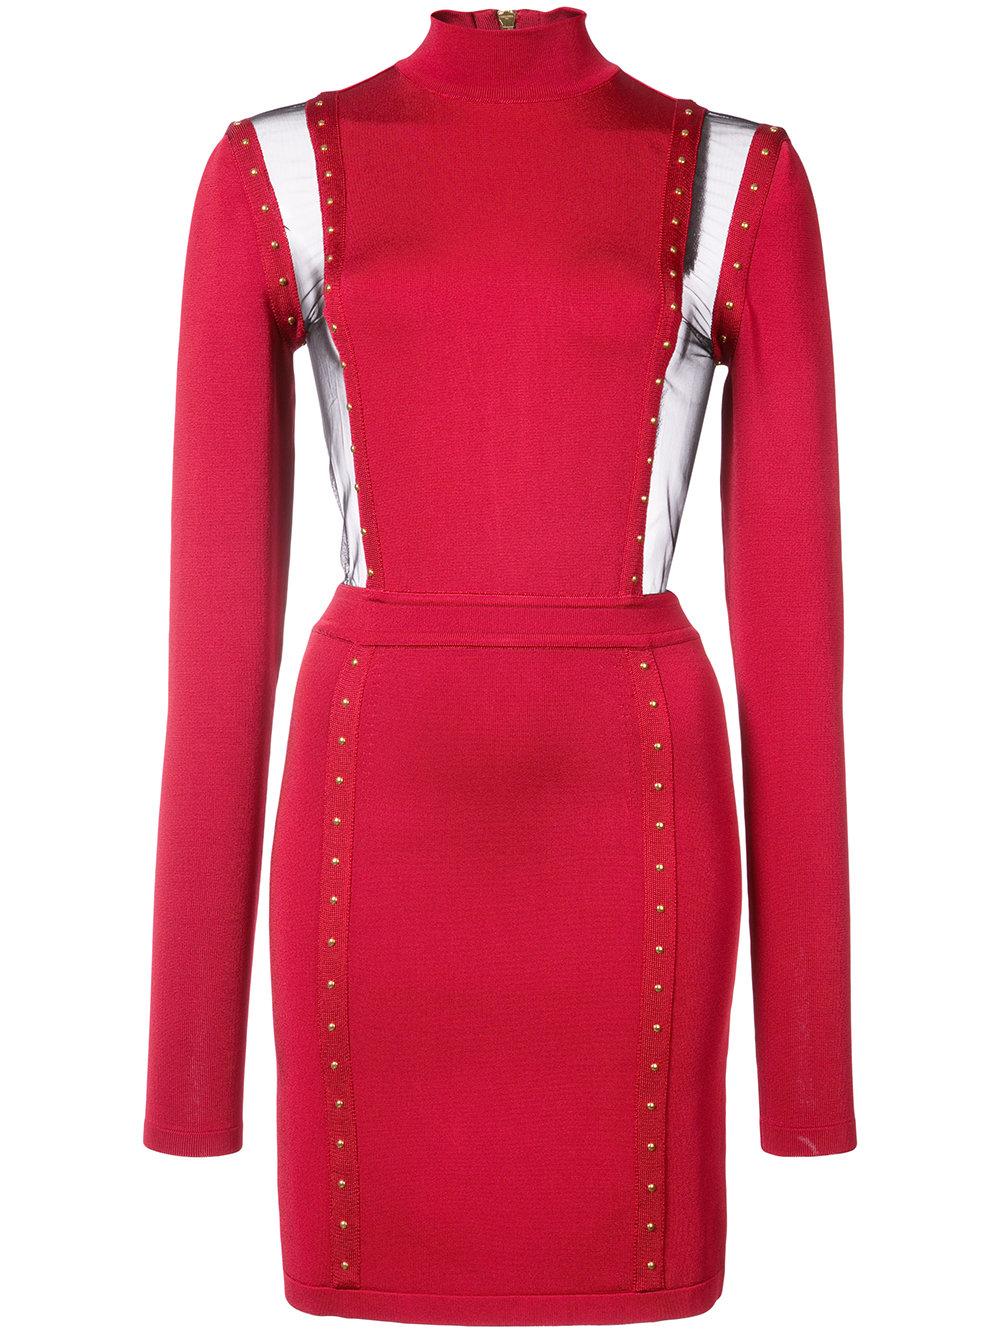 BALMAIN mini dress - $2,685